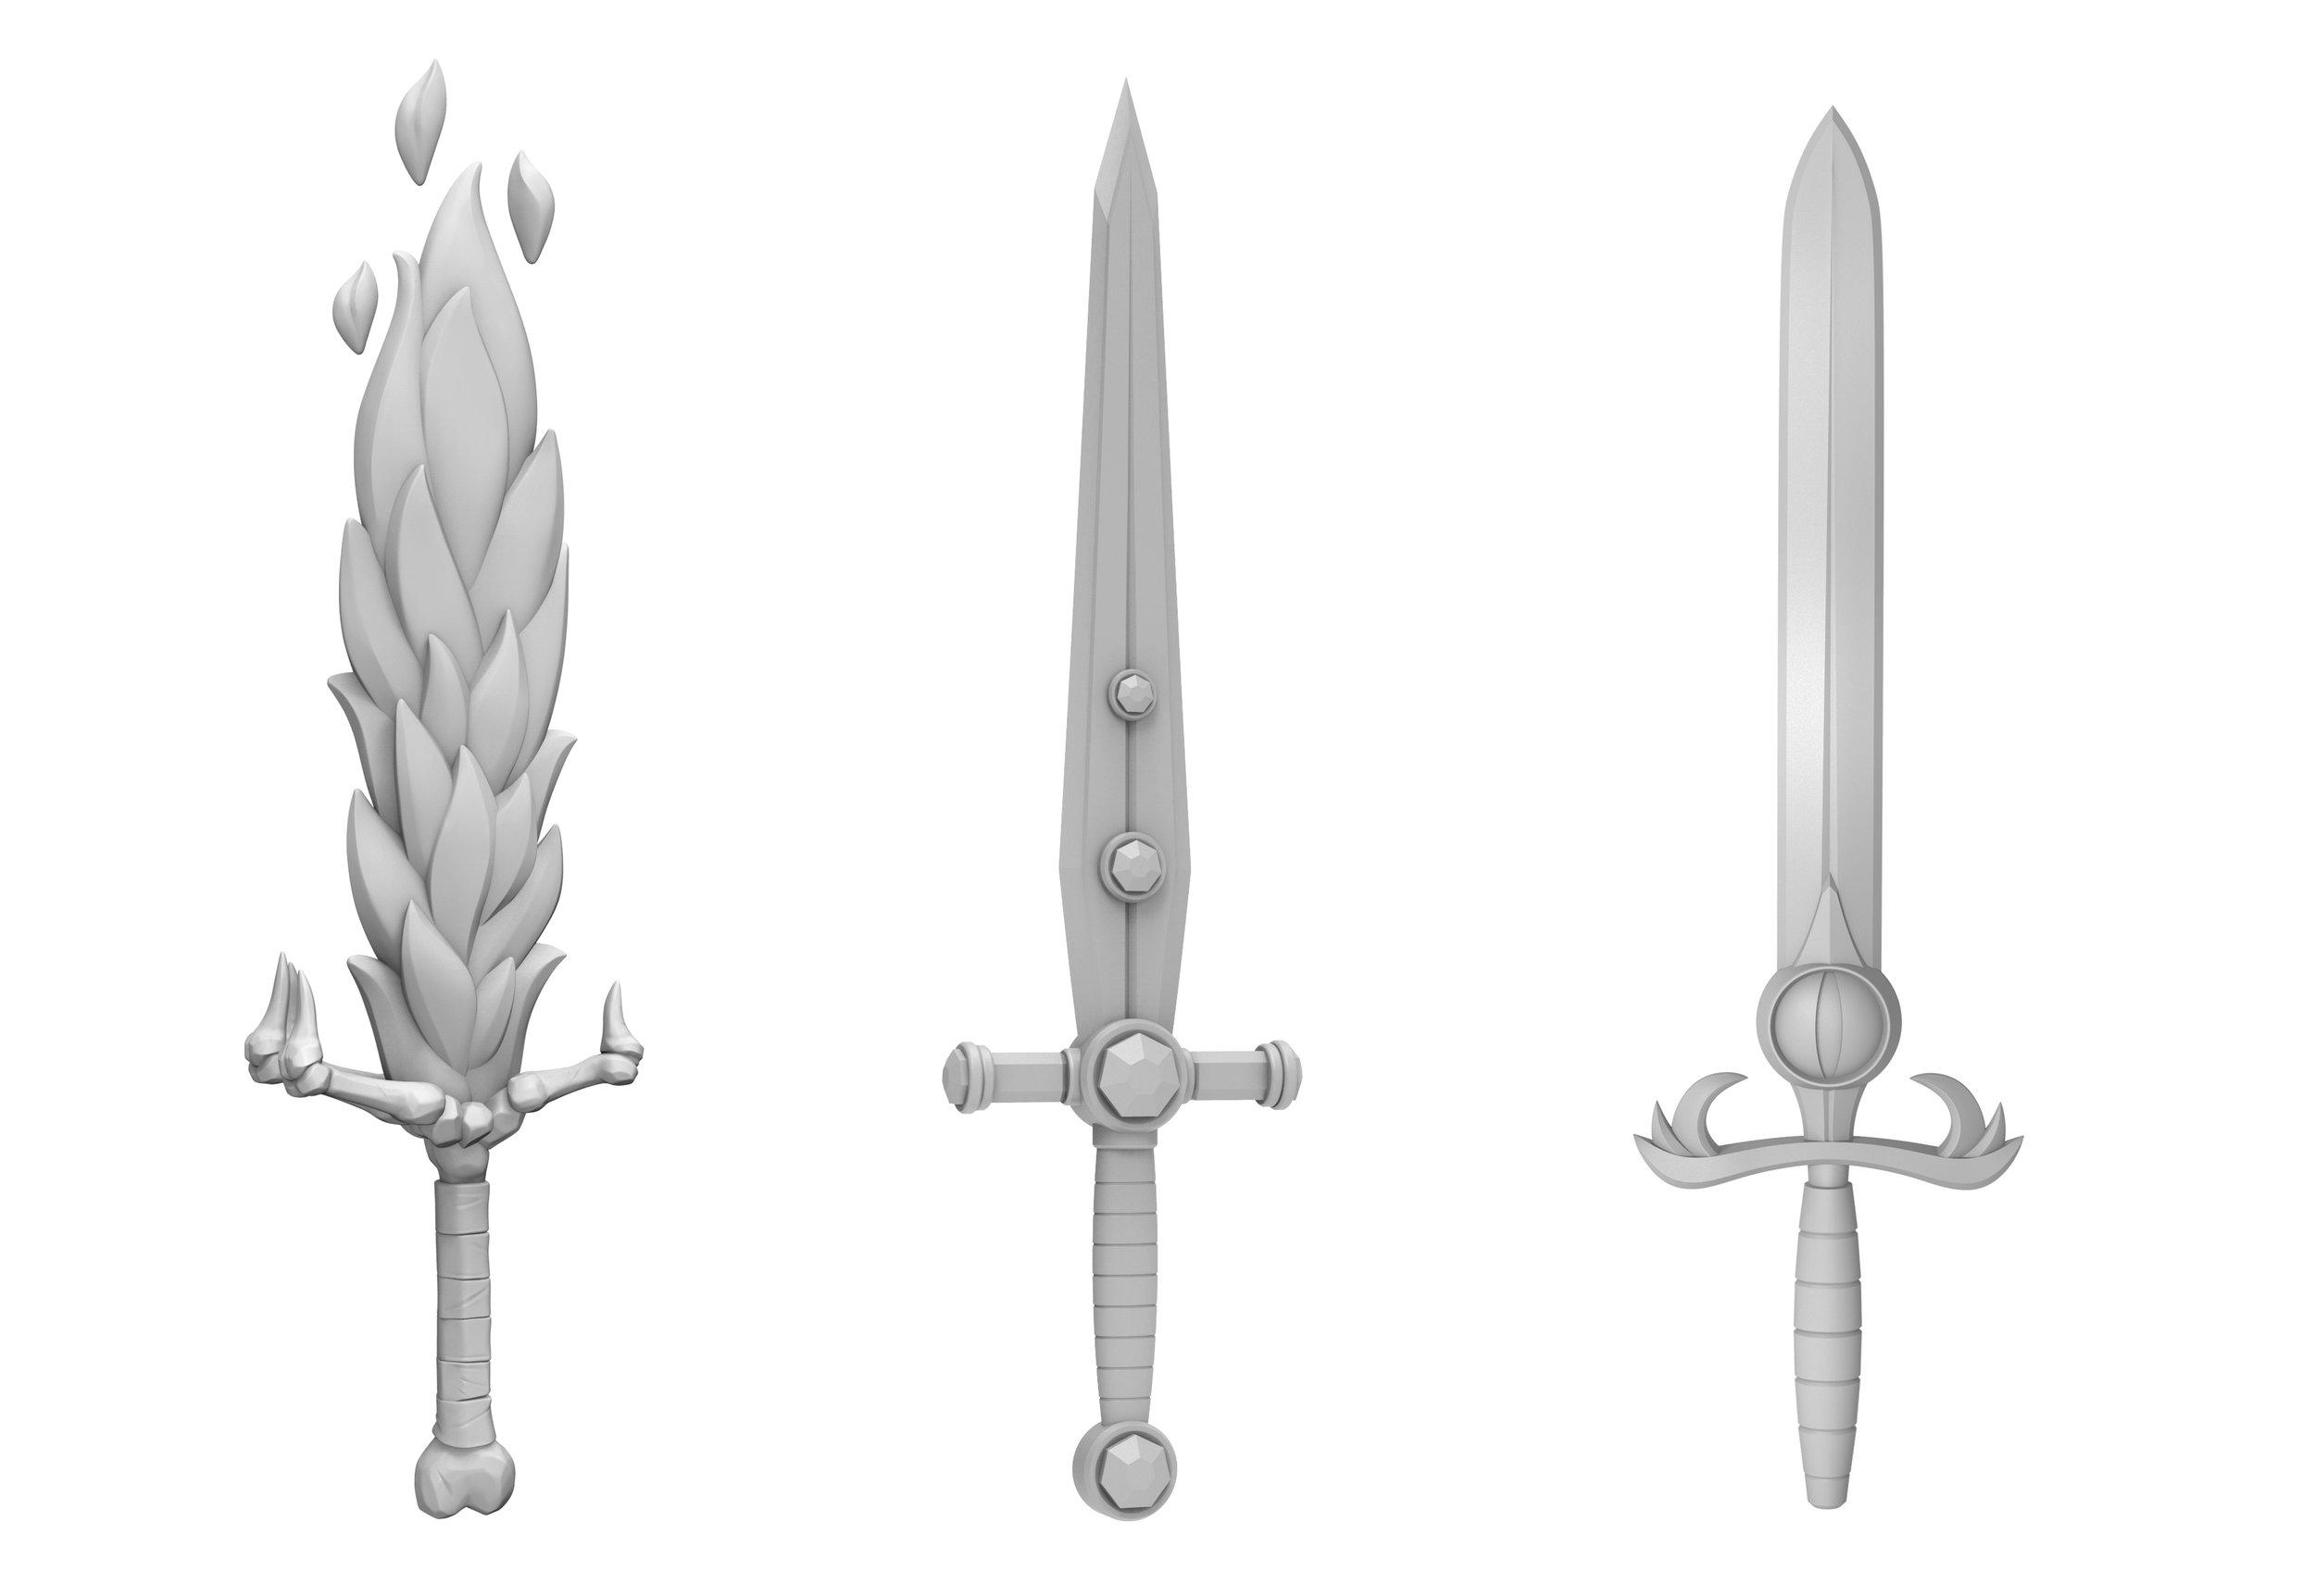 ZBrush Model - ALL SWORDS